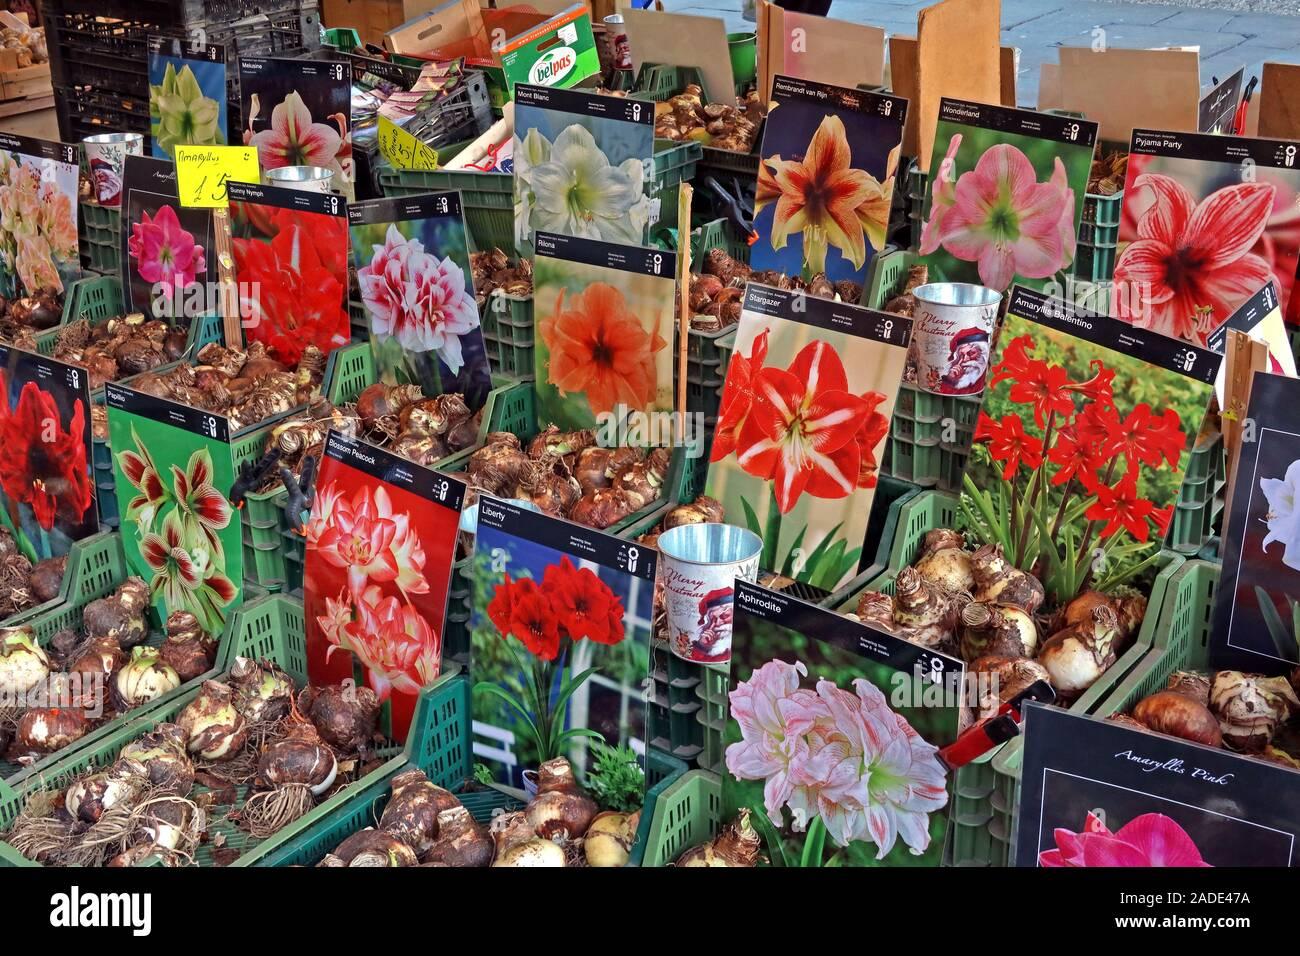 Dieses Stockfoto: Dutch Bulbs zum Verkauf, deutscher Markt, Manchester Weihnachtsmärkte, Albert Square, Manchester, Greater Manchester, England, Großbritannien, M2 5DB - 2ADE47